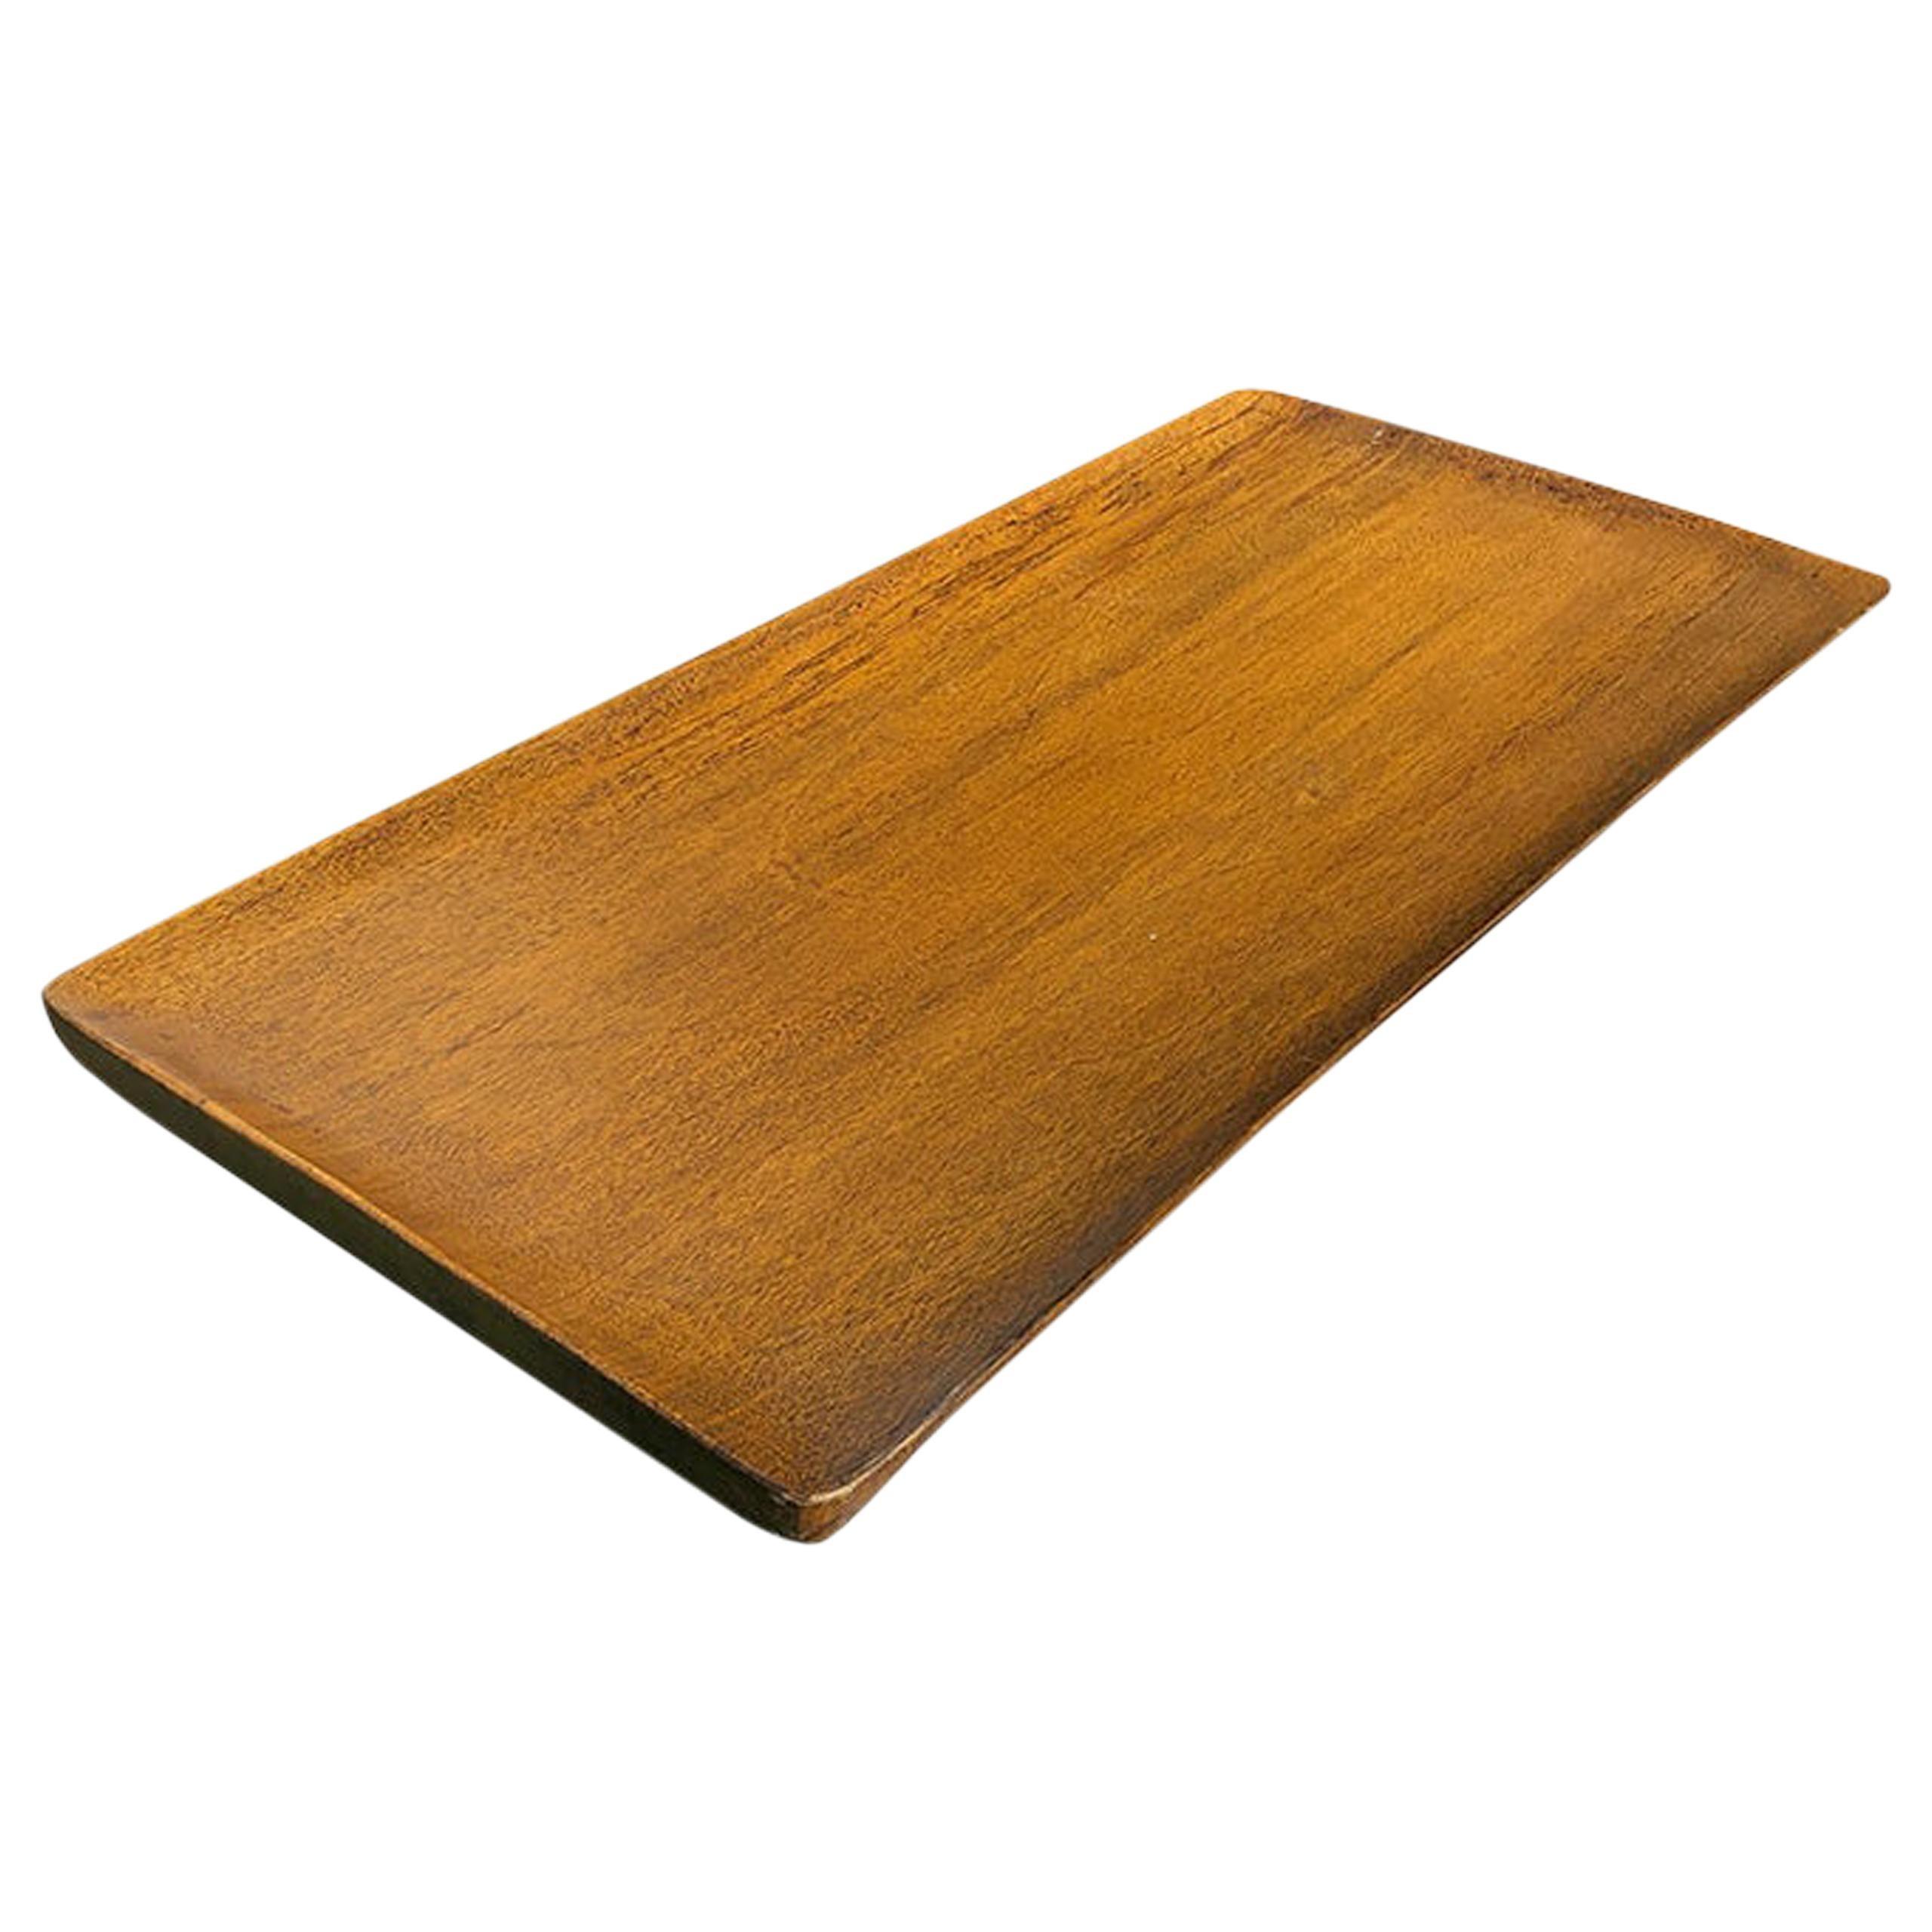 Mid-Century Modern Table Bar Tray Wood Look by Auld Haiti